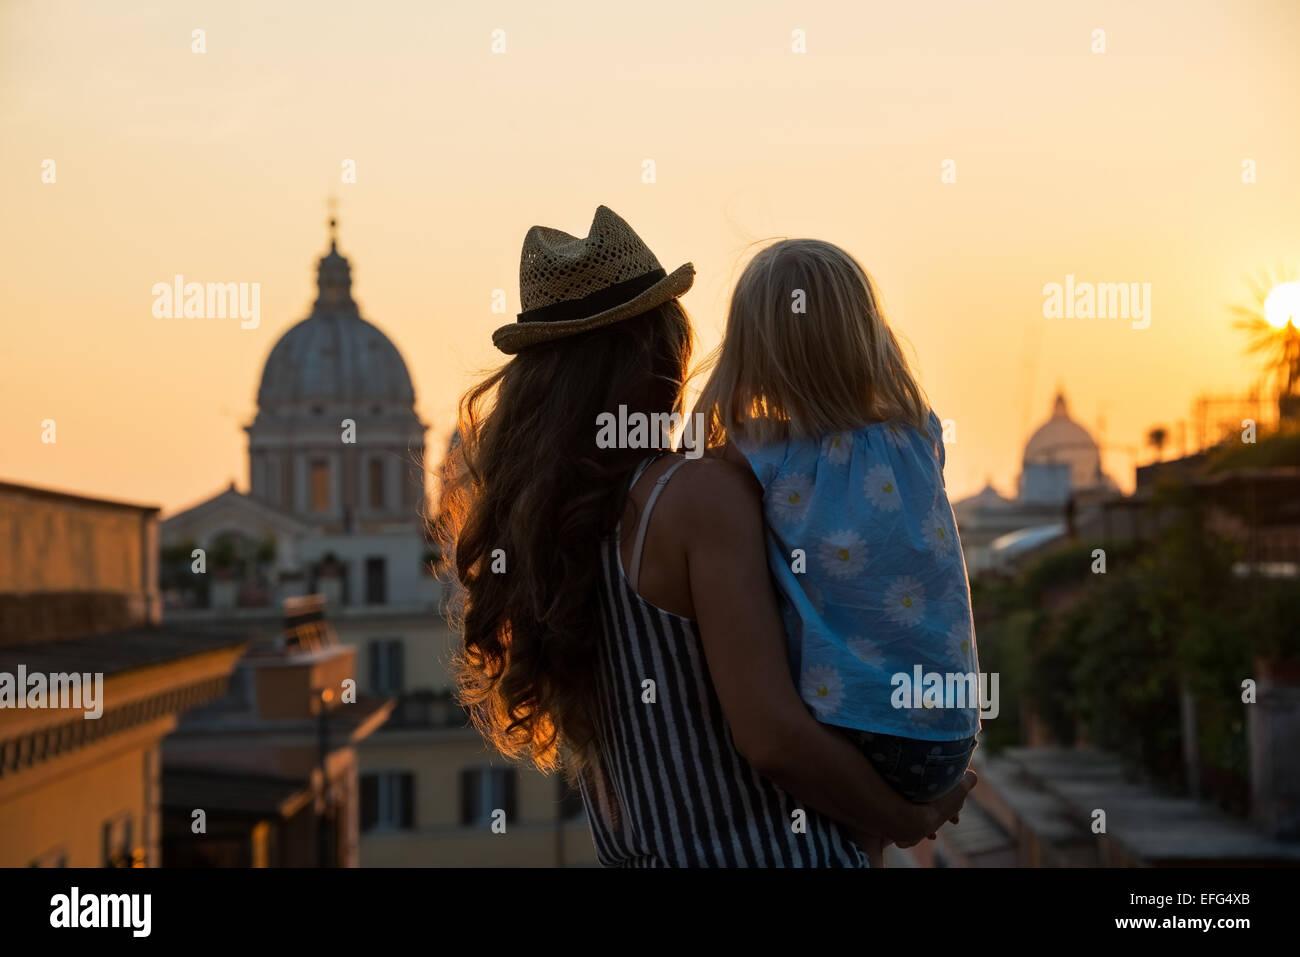 Silueta de la madre y el bebé niña mirando sobre los tejados de Roma vista posterior a la puesta del sol. Foto de stock